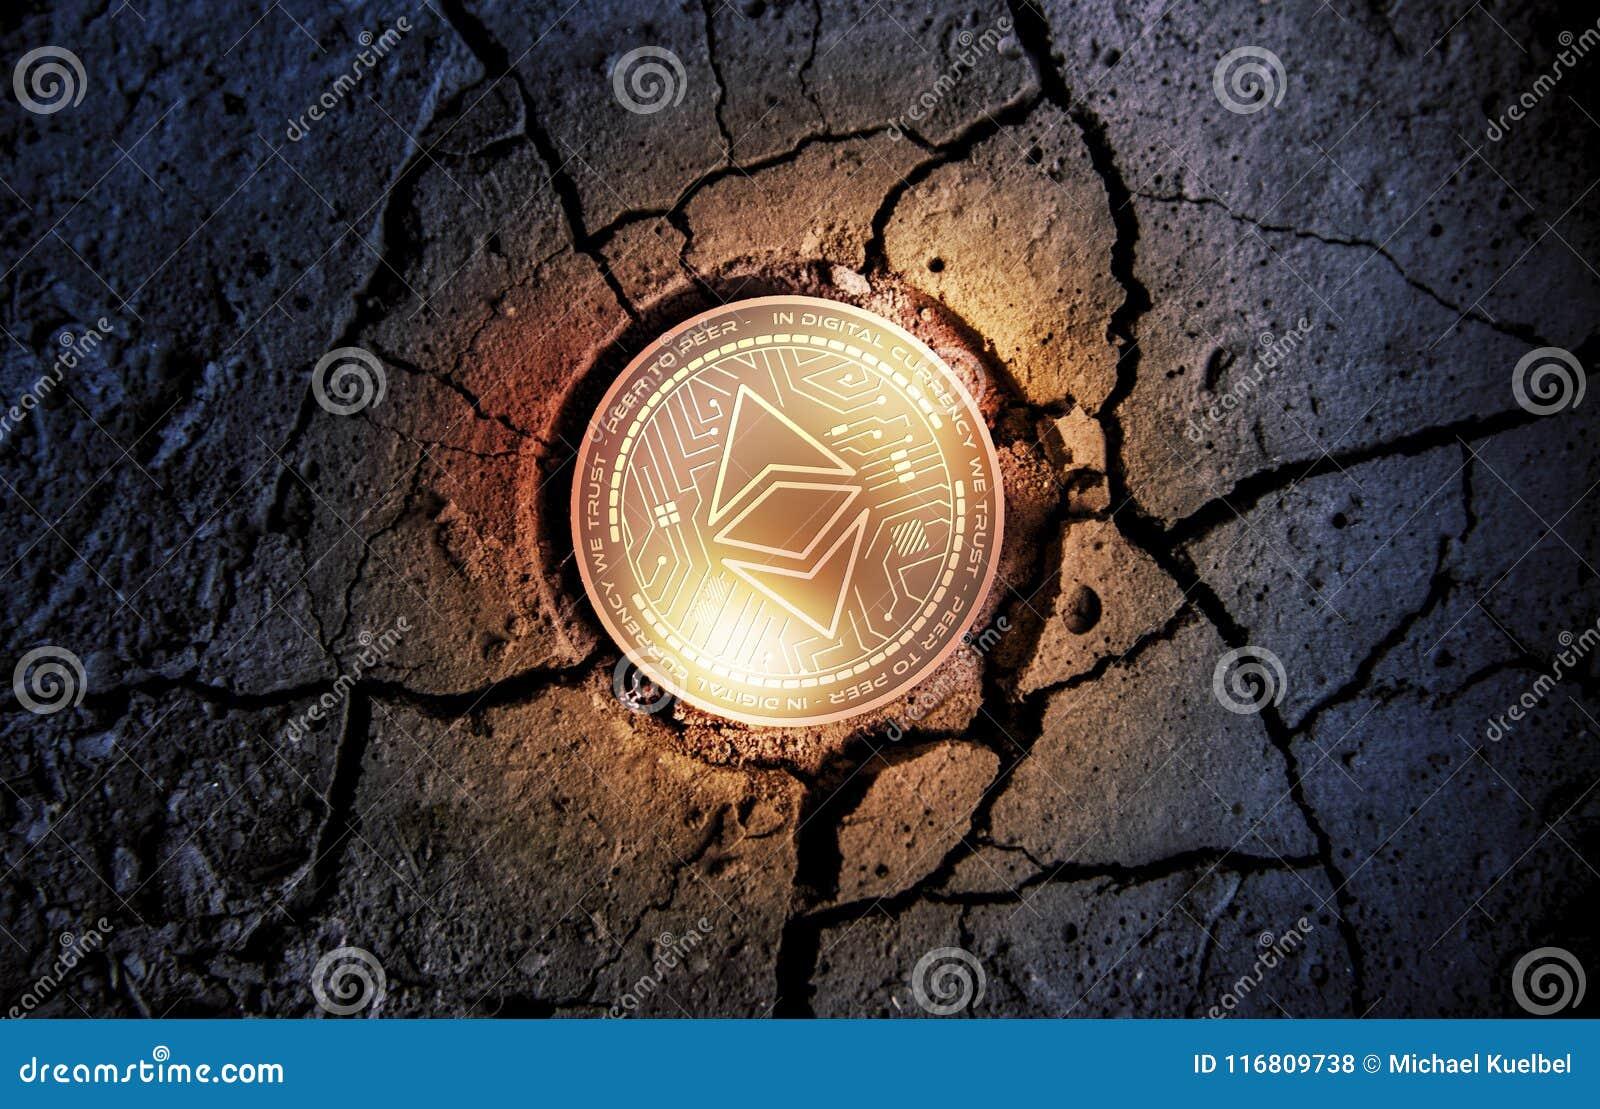 Moeda CLÁSSICA dourada brilhante do cryptocurrency de ETHEREUM no fundo seco da sobremesa da terra que mina a ilustração da rendi